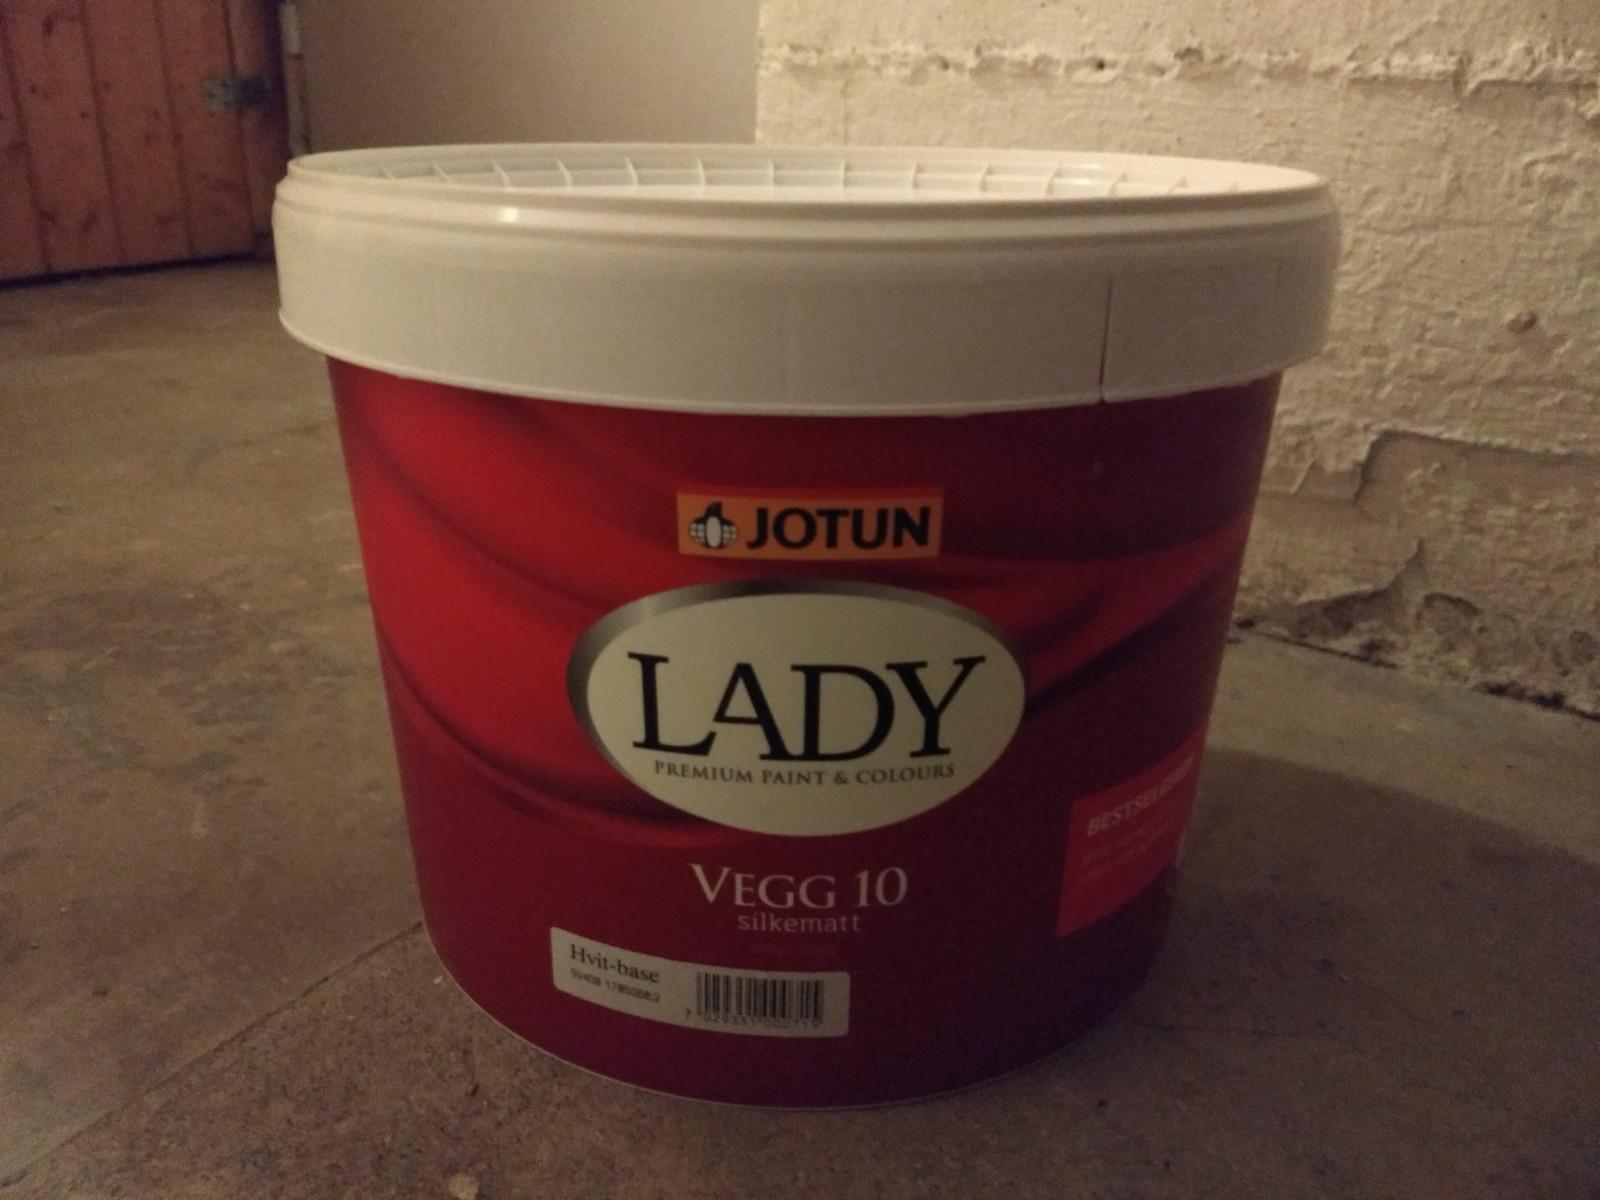 jotun lady vegg